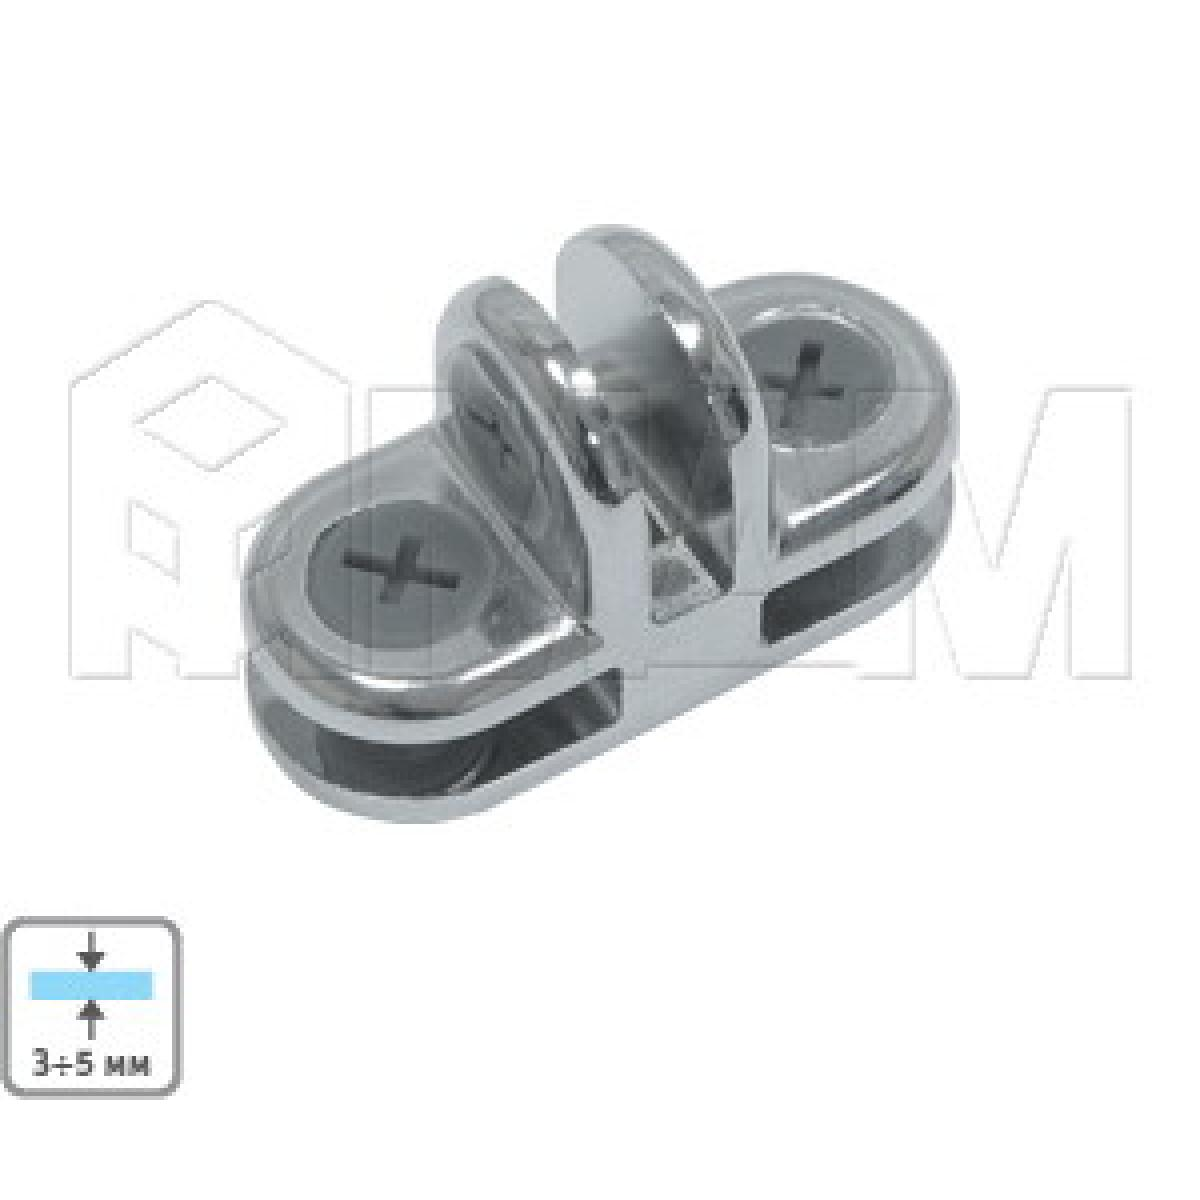 Соединители - Соединитель для 3-х стекол 5 мм, хром, 1 шт